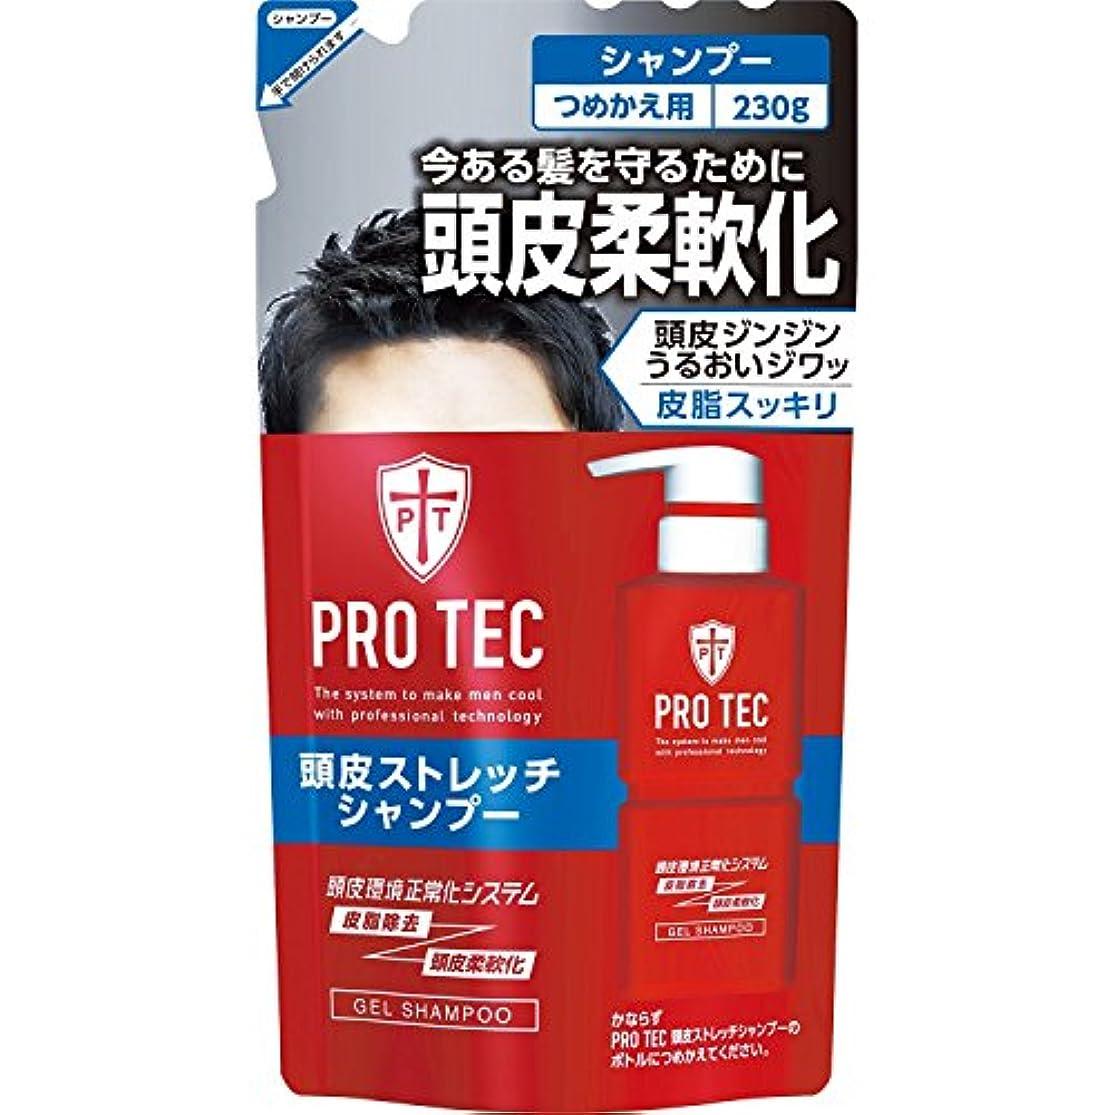 代わりのアソシエイト追うPRO TEC(プロテク) 頭皮ストレッチ シャンプー 詰め替え 230g(医薬部外品)